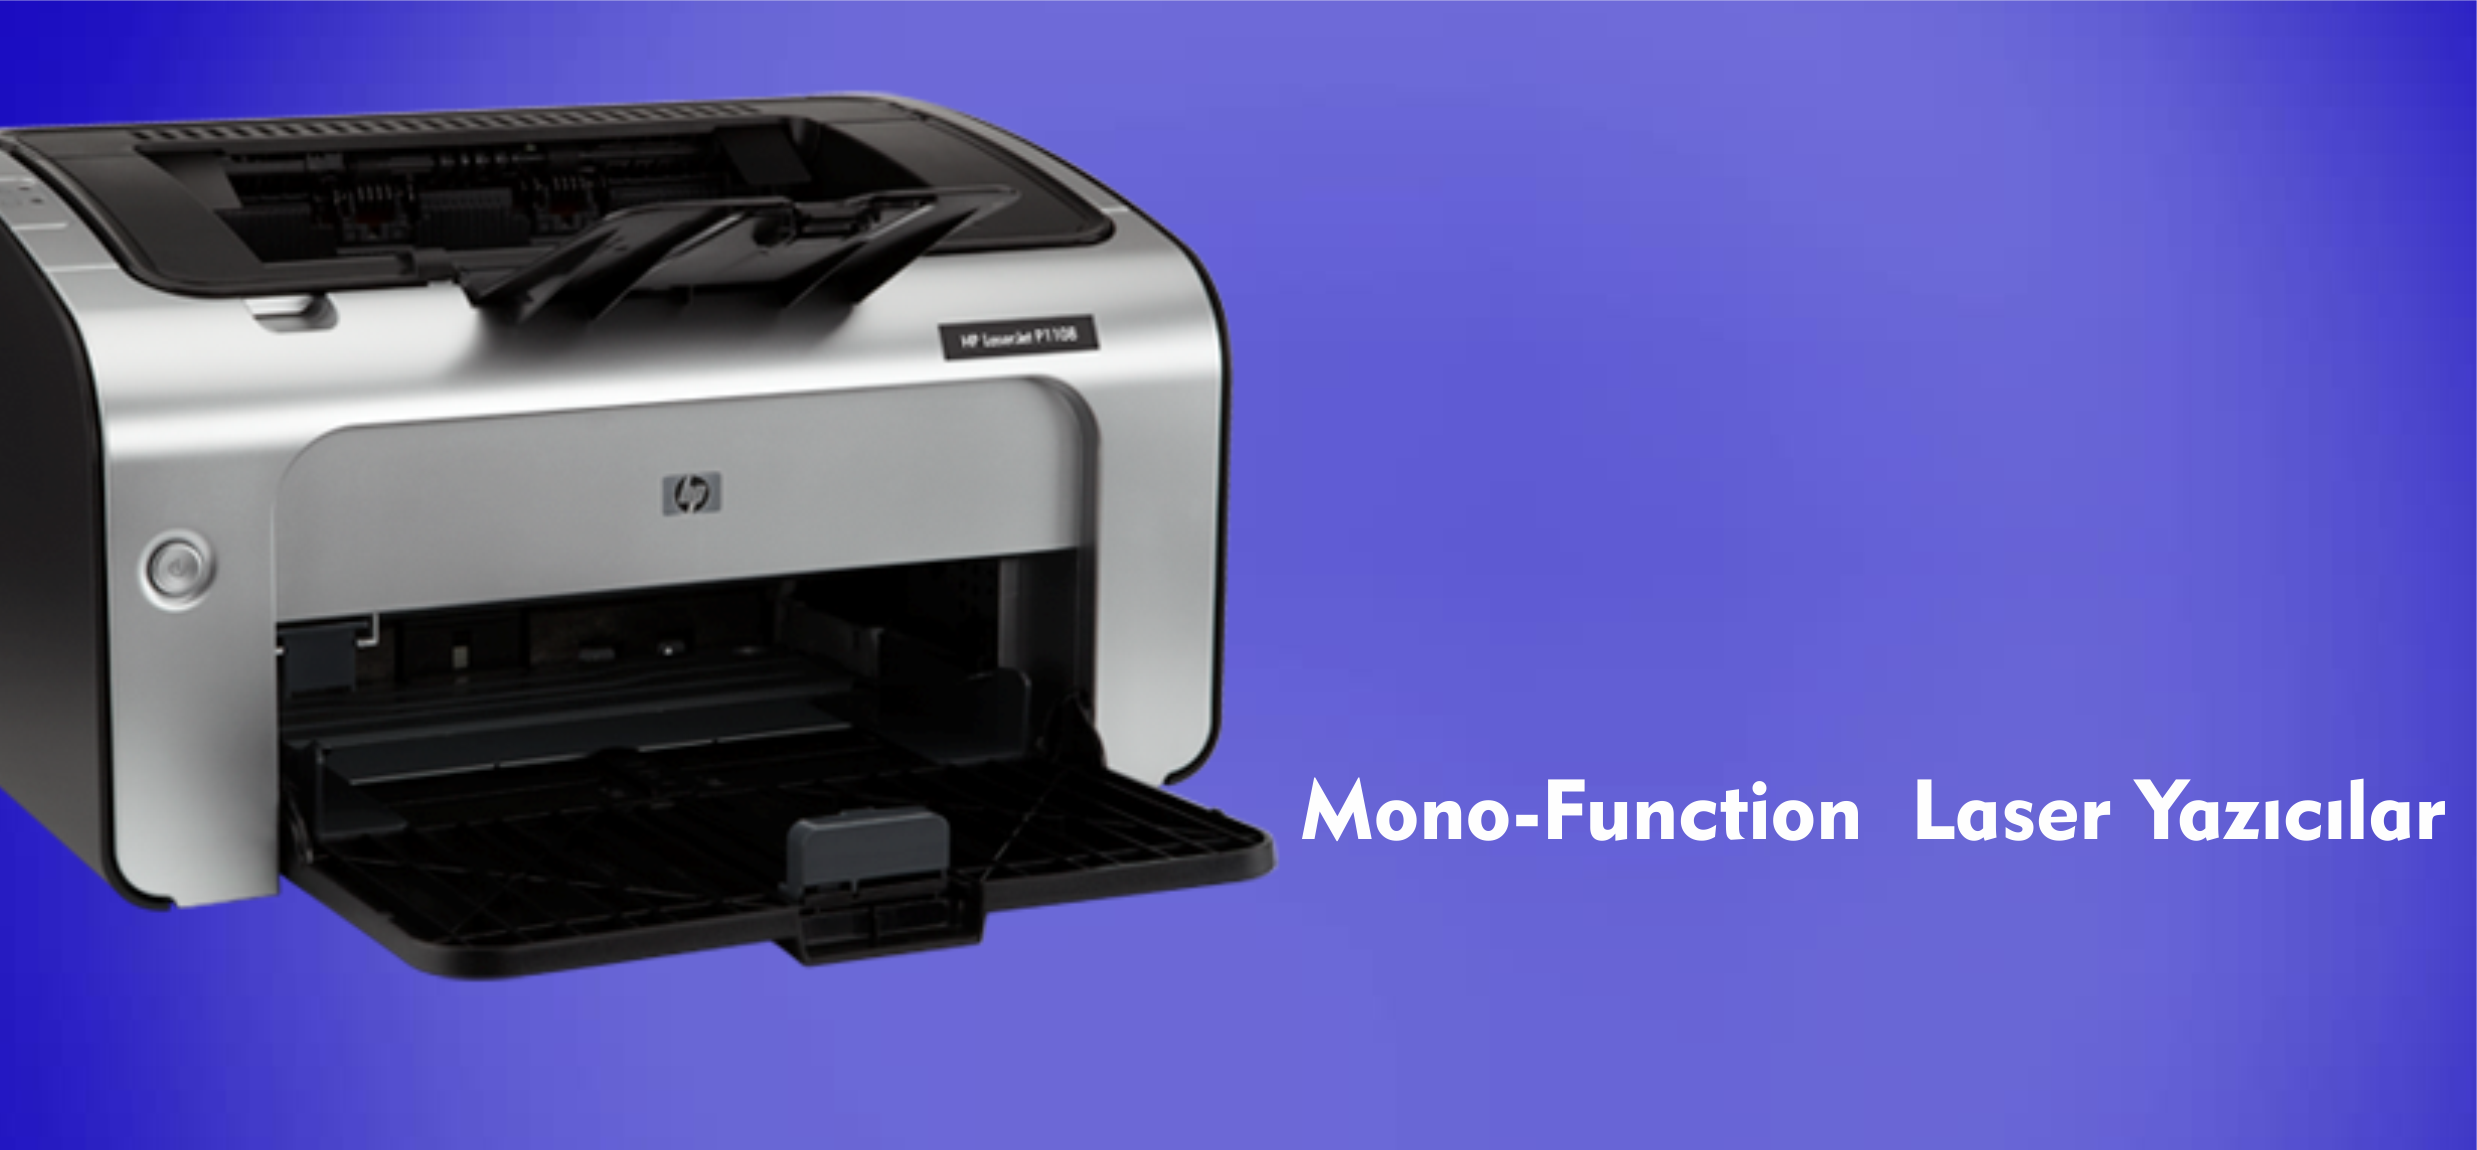 Mono-Function Laser Yazıcılar